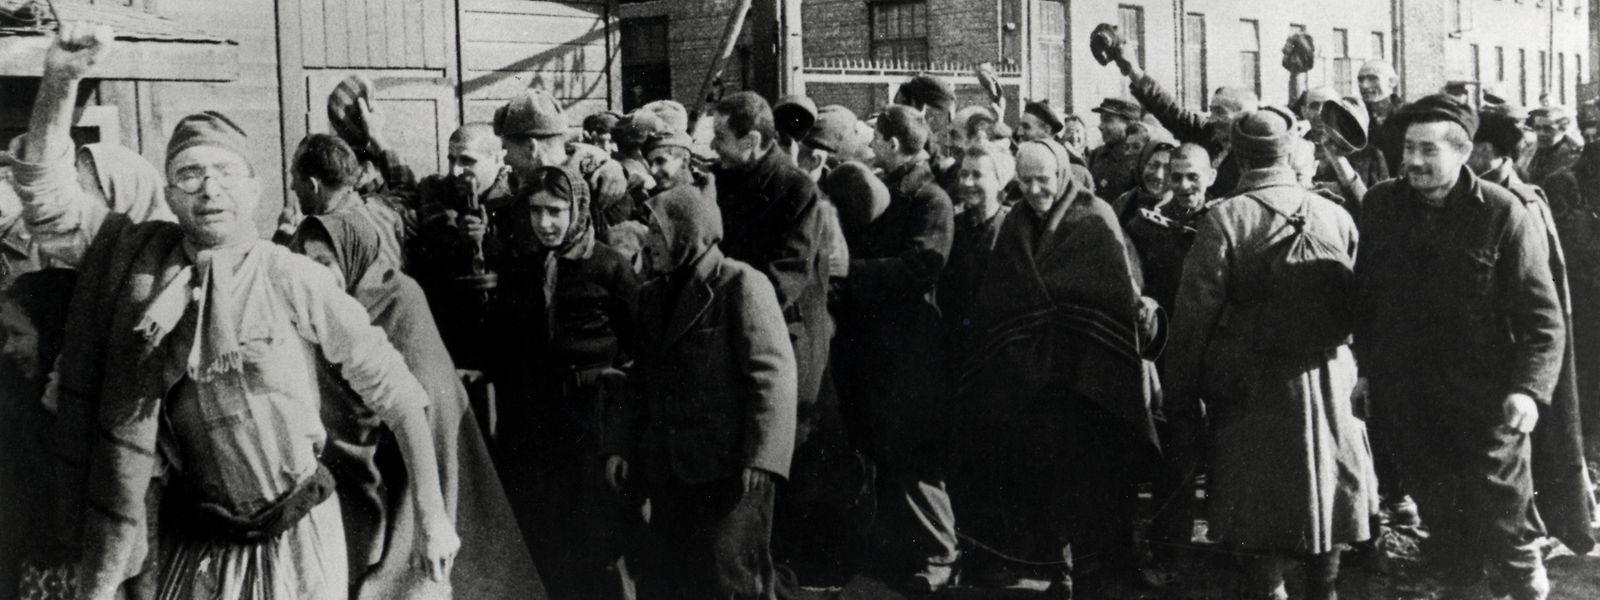 Überlebende von Auschwitz verlassen im Februar 1945 das Konzentrationslager.